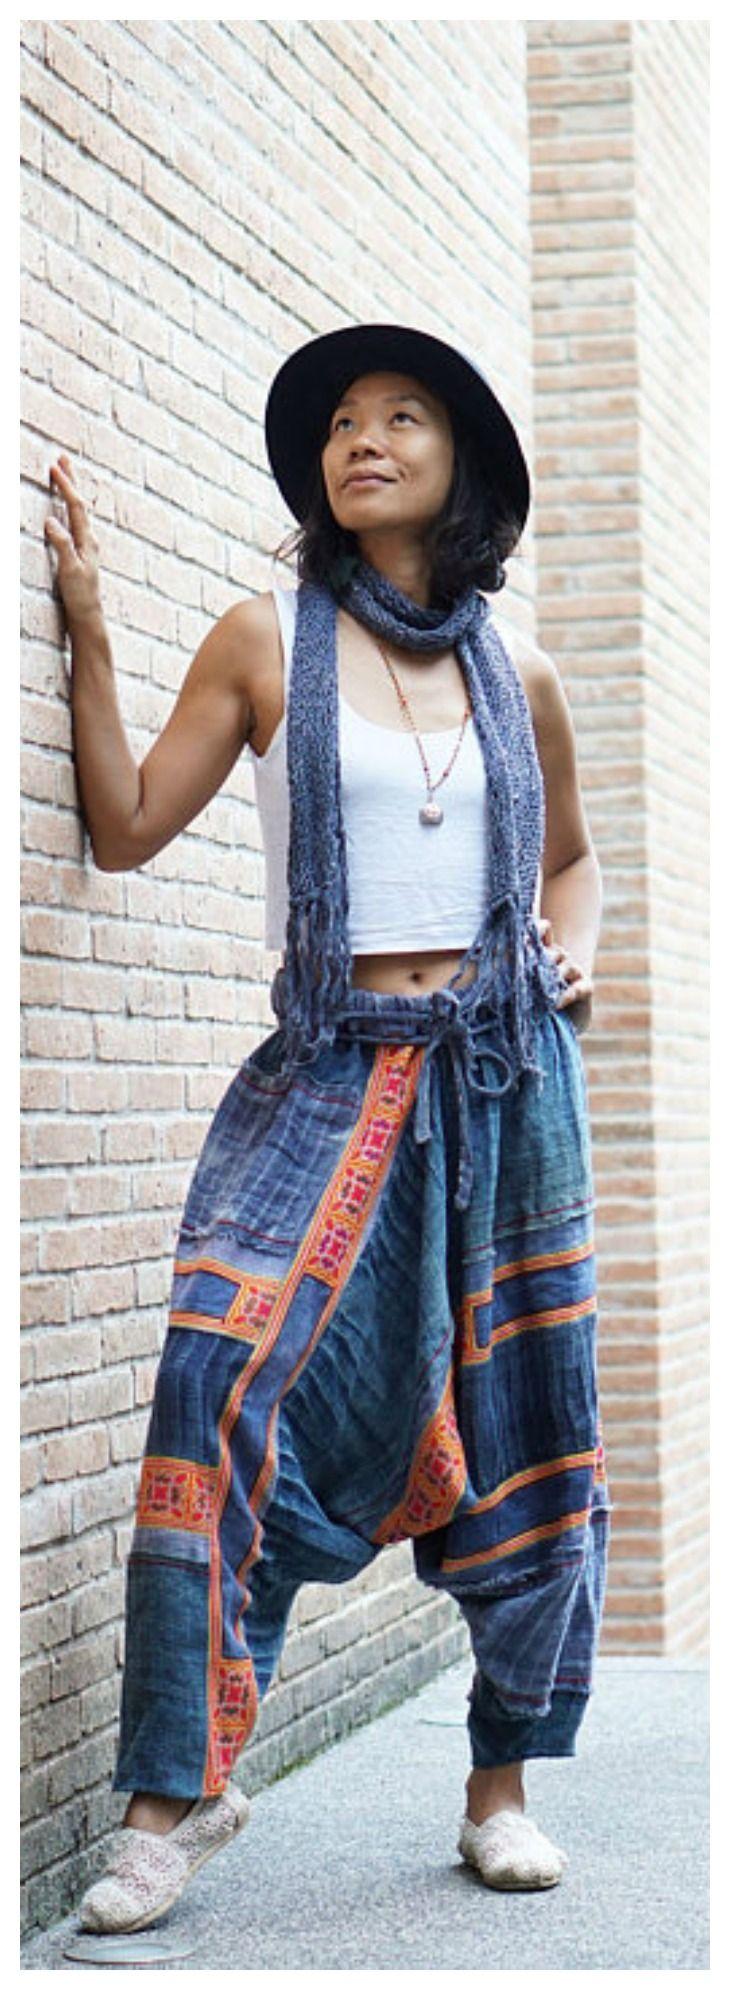 baggy pants, boho festival pants, patchwork pants, Hmong pants, harem pants, hemp pants, harem pants women, hemp pants, Hmong clothes